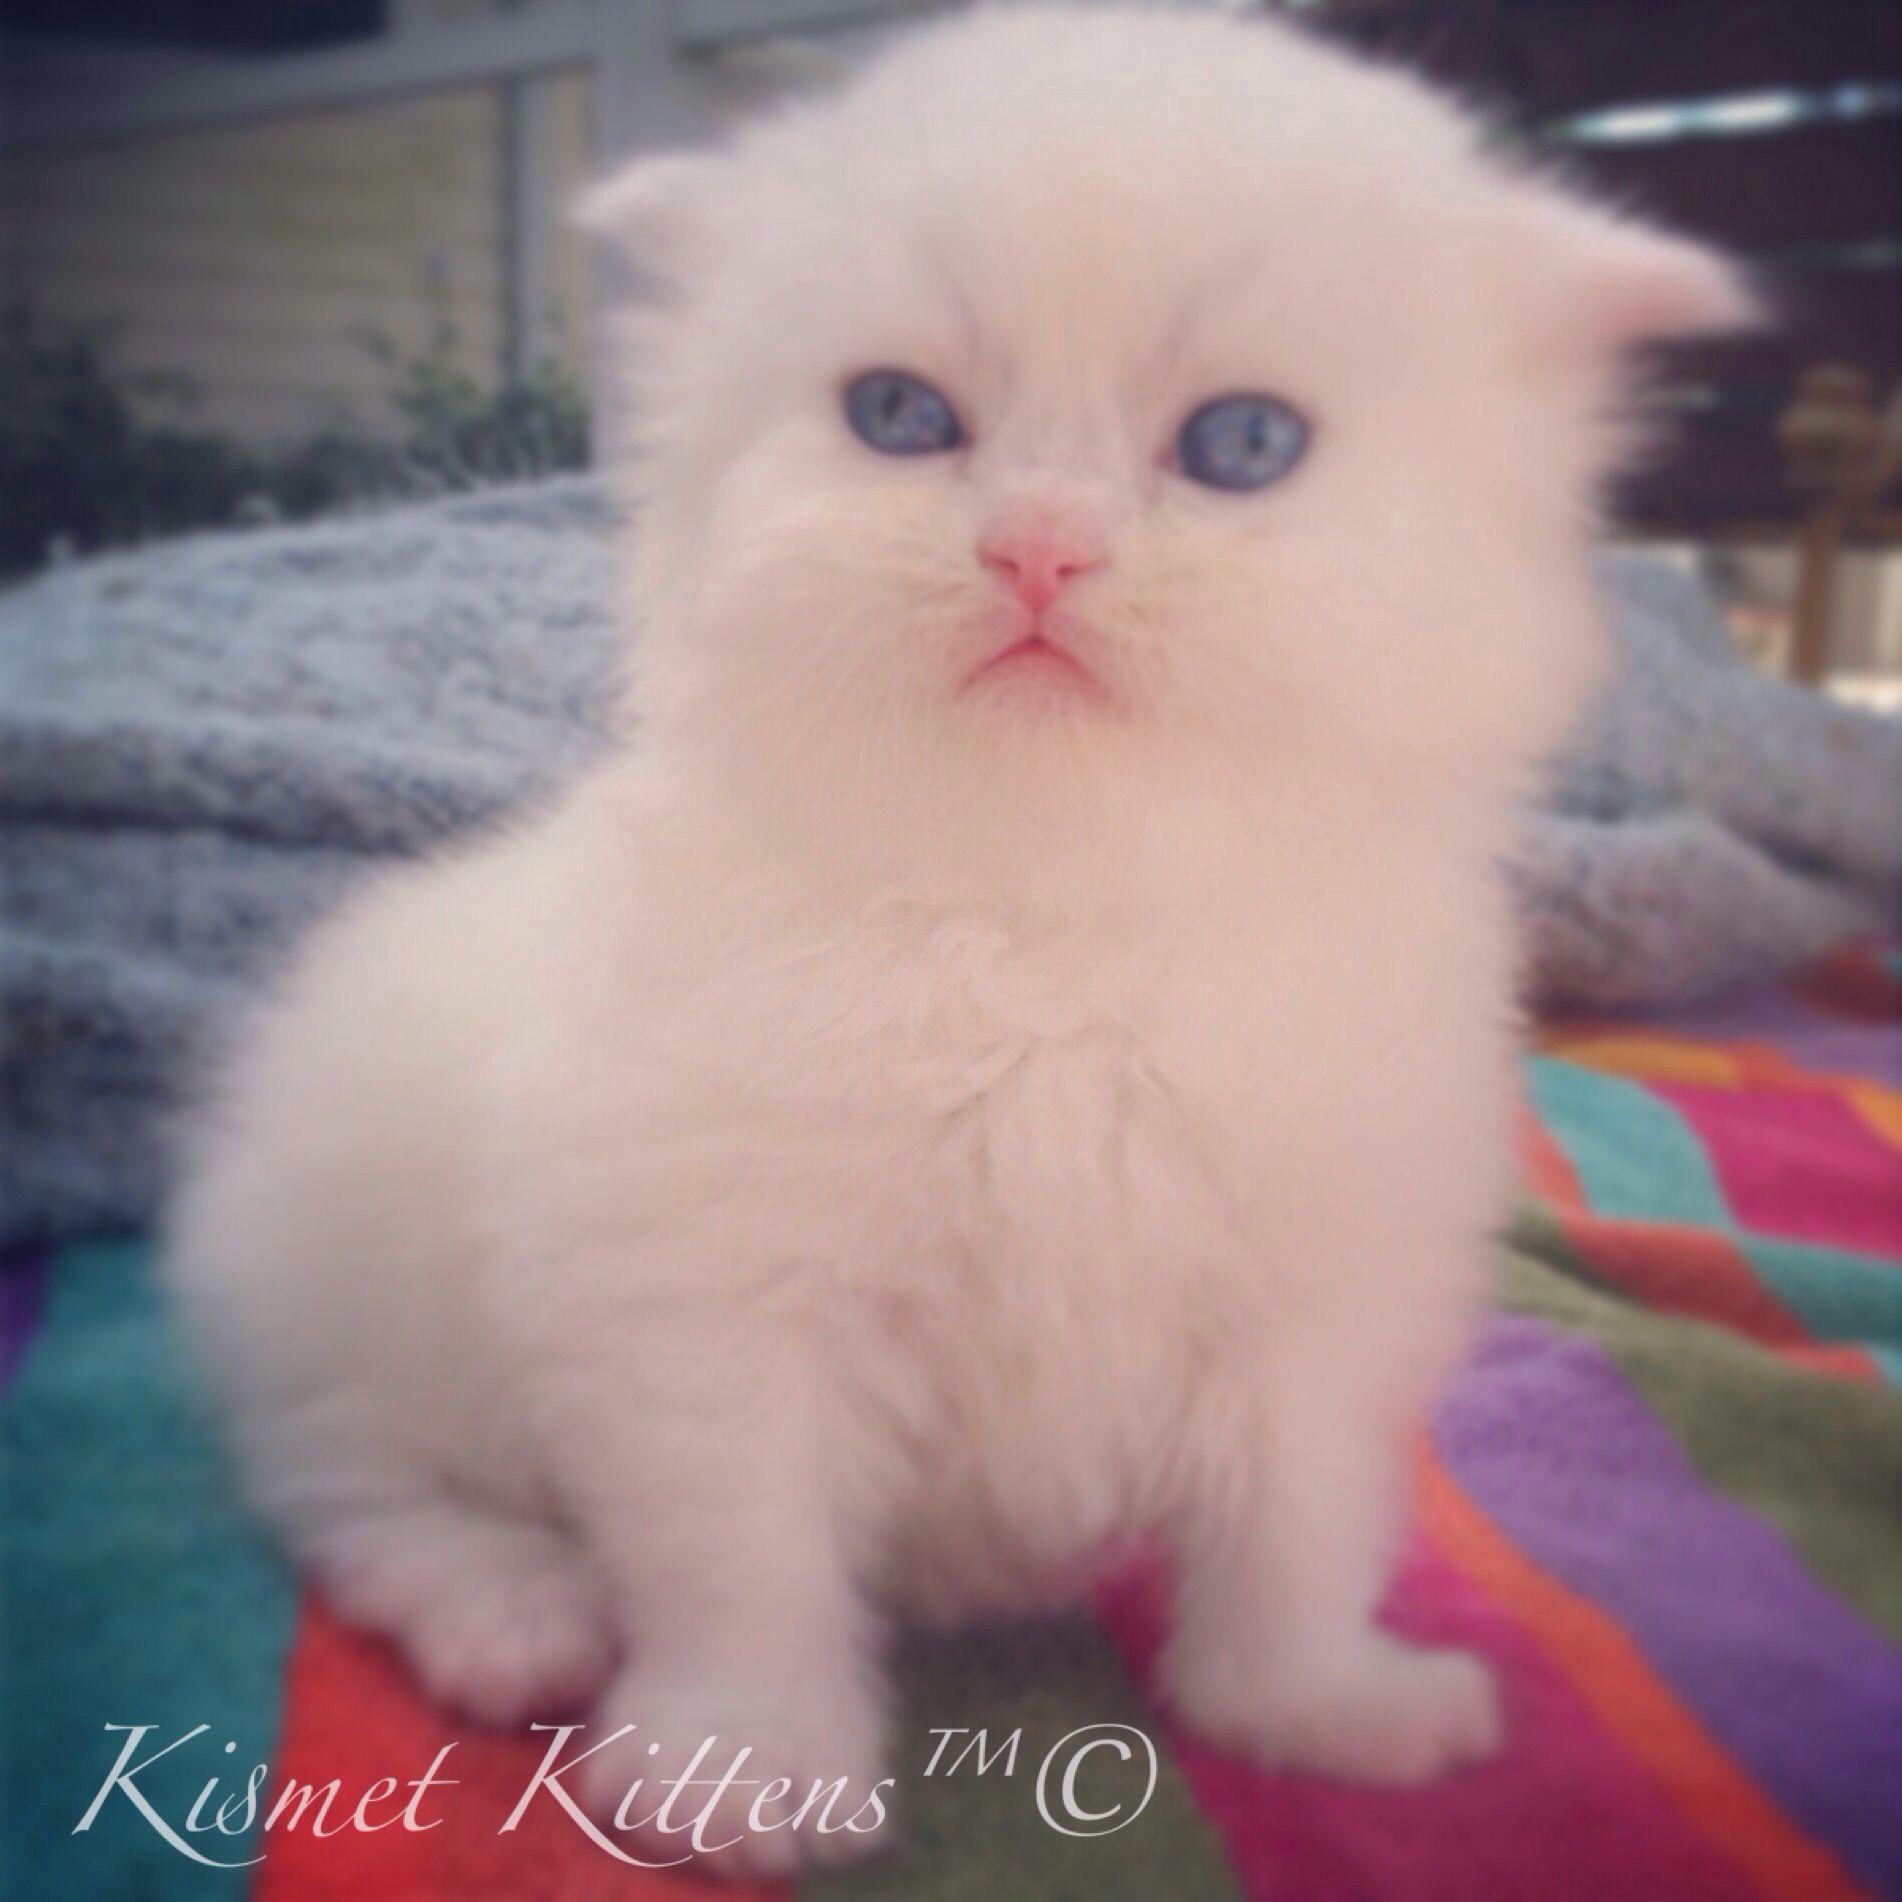 KismetKittens White Doll Face Kitten with Blue Eyes. New